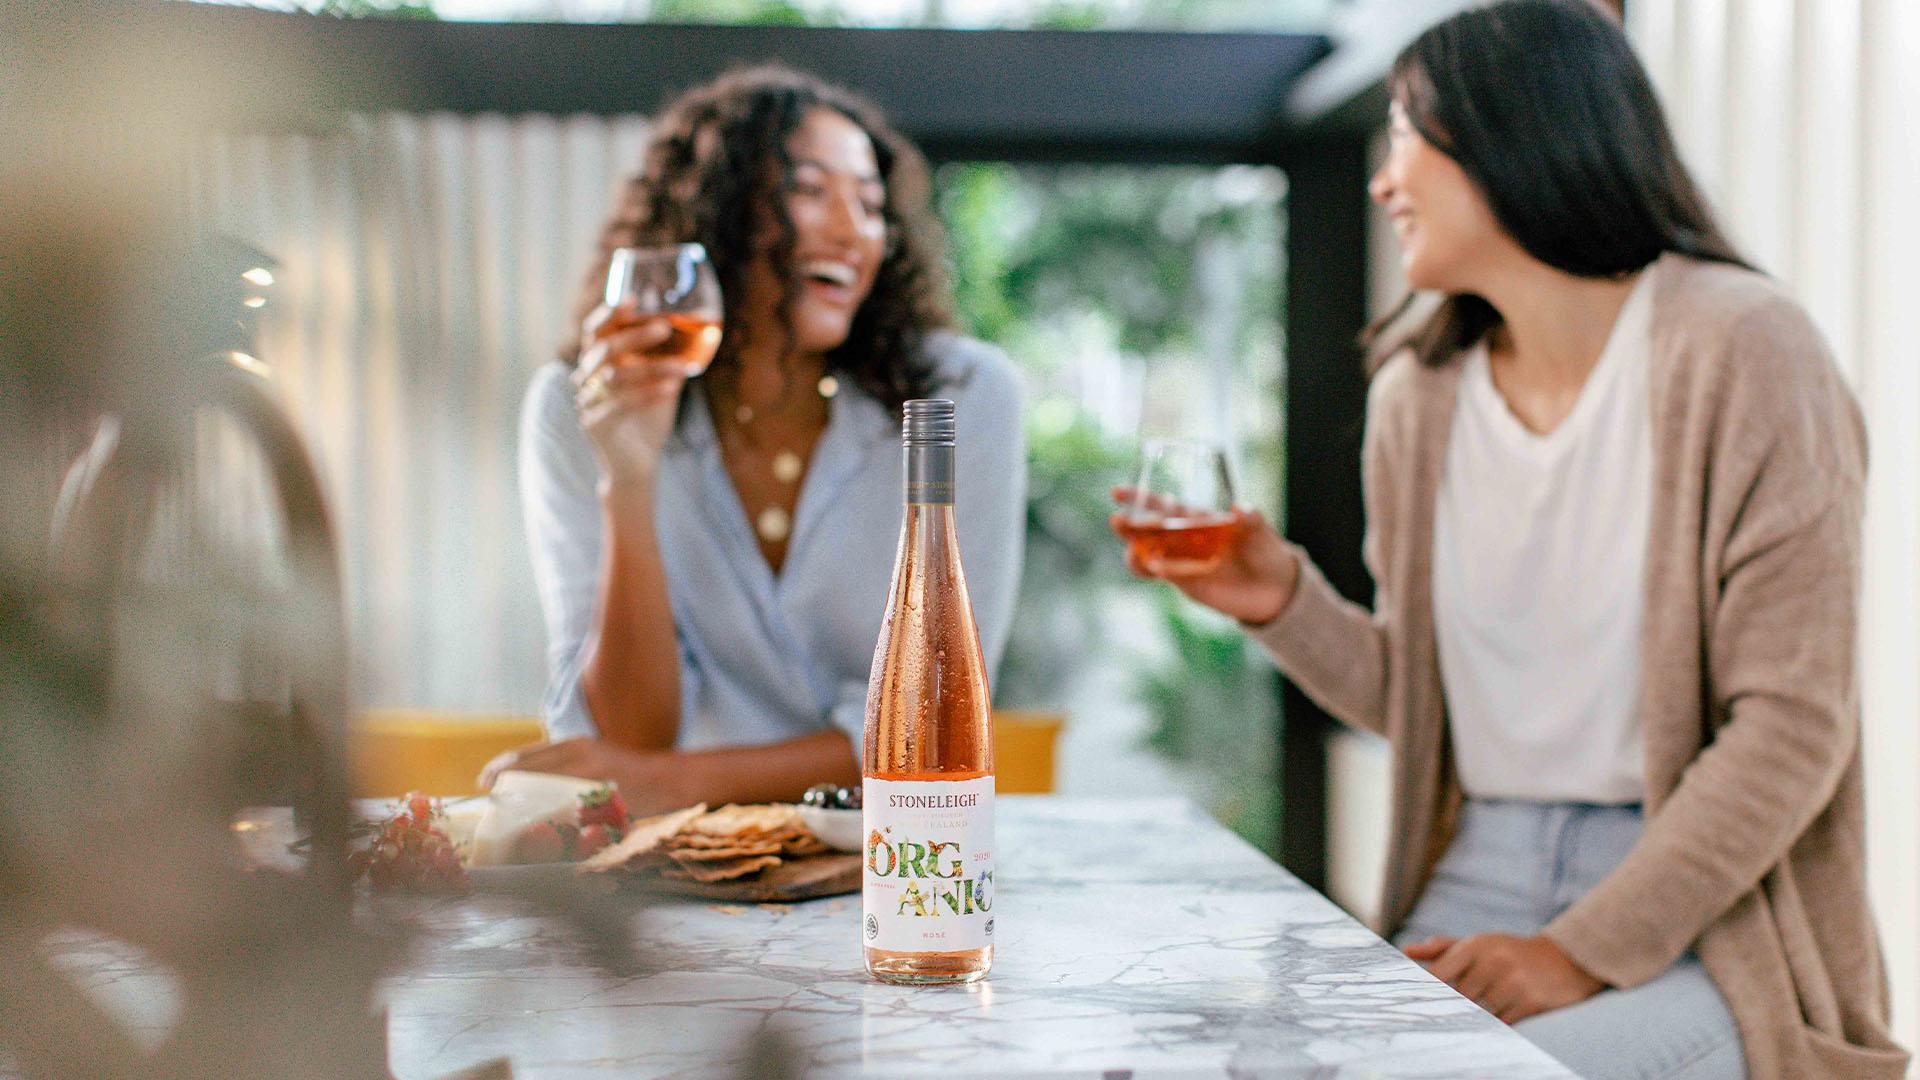 Stoneleigh Wines